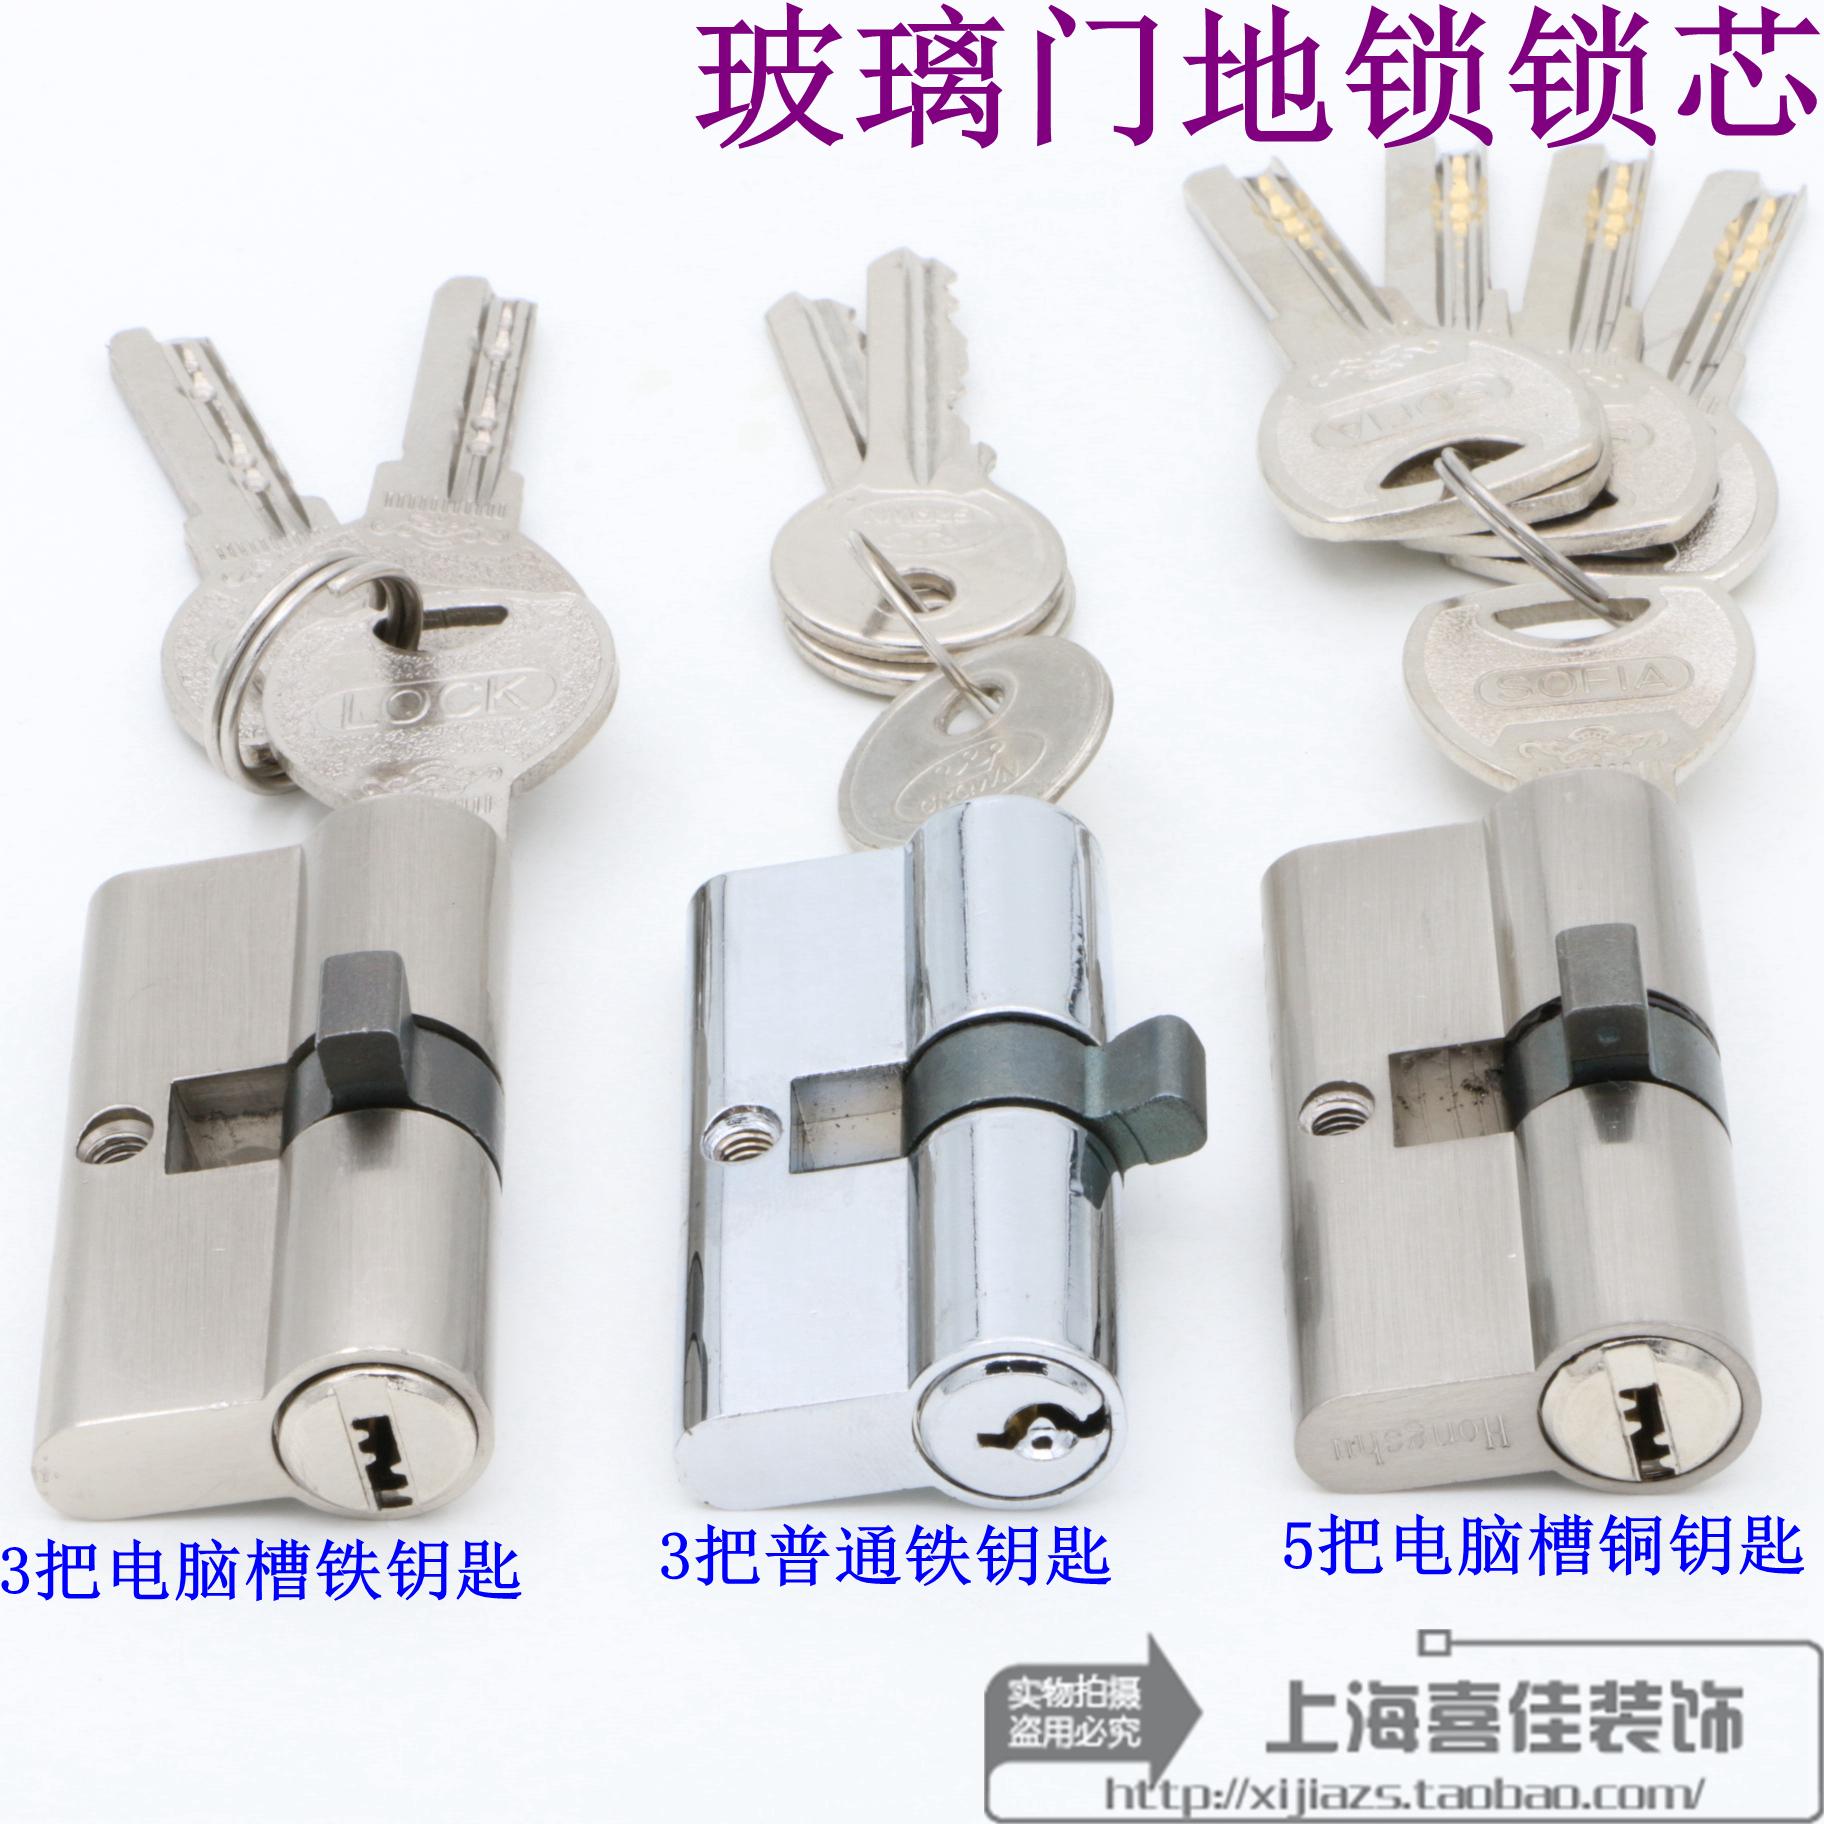 Sans cadre de corps de serrure de porte à l'intérieur de la Languette de verrouillage de la serrure de porte - verre noyau de serrure de porte à clé de verre noyau de serrure à 60 mm de colis